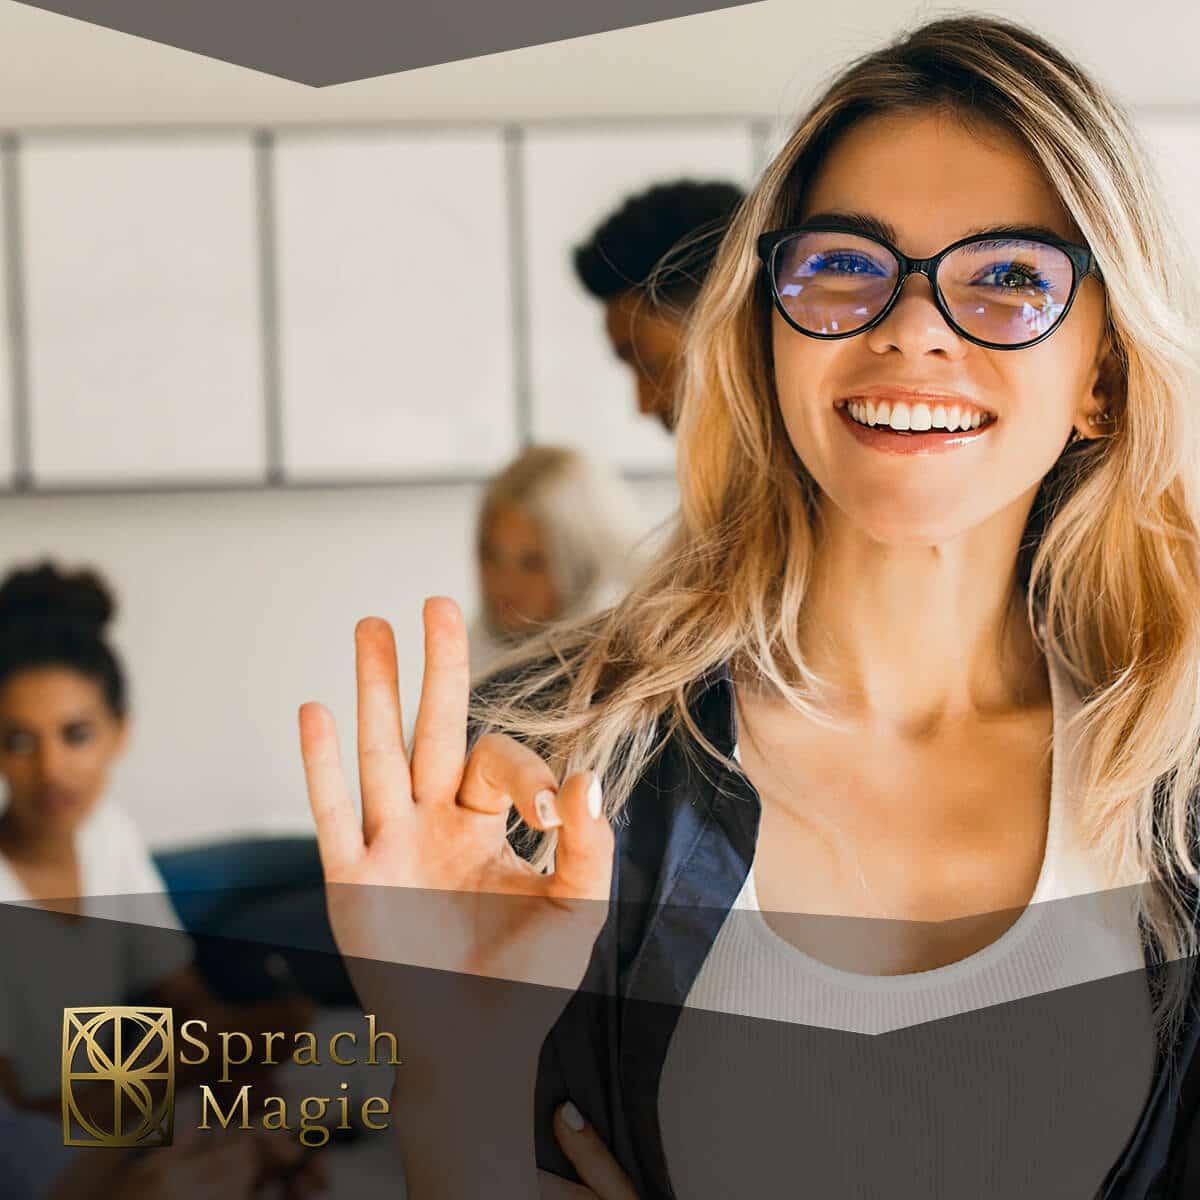 Sprachmagie® 2 – Die Kraft der positiven Suggestionen